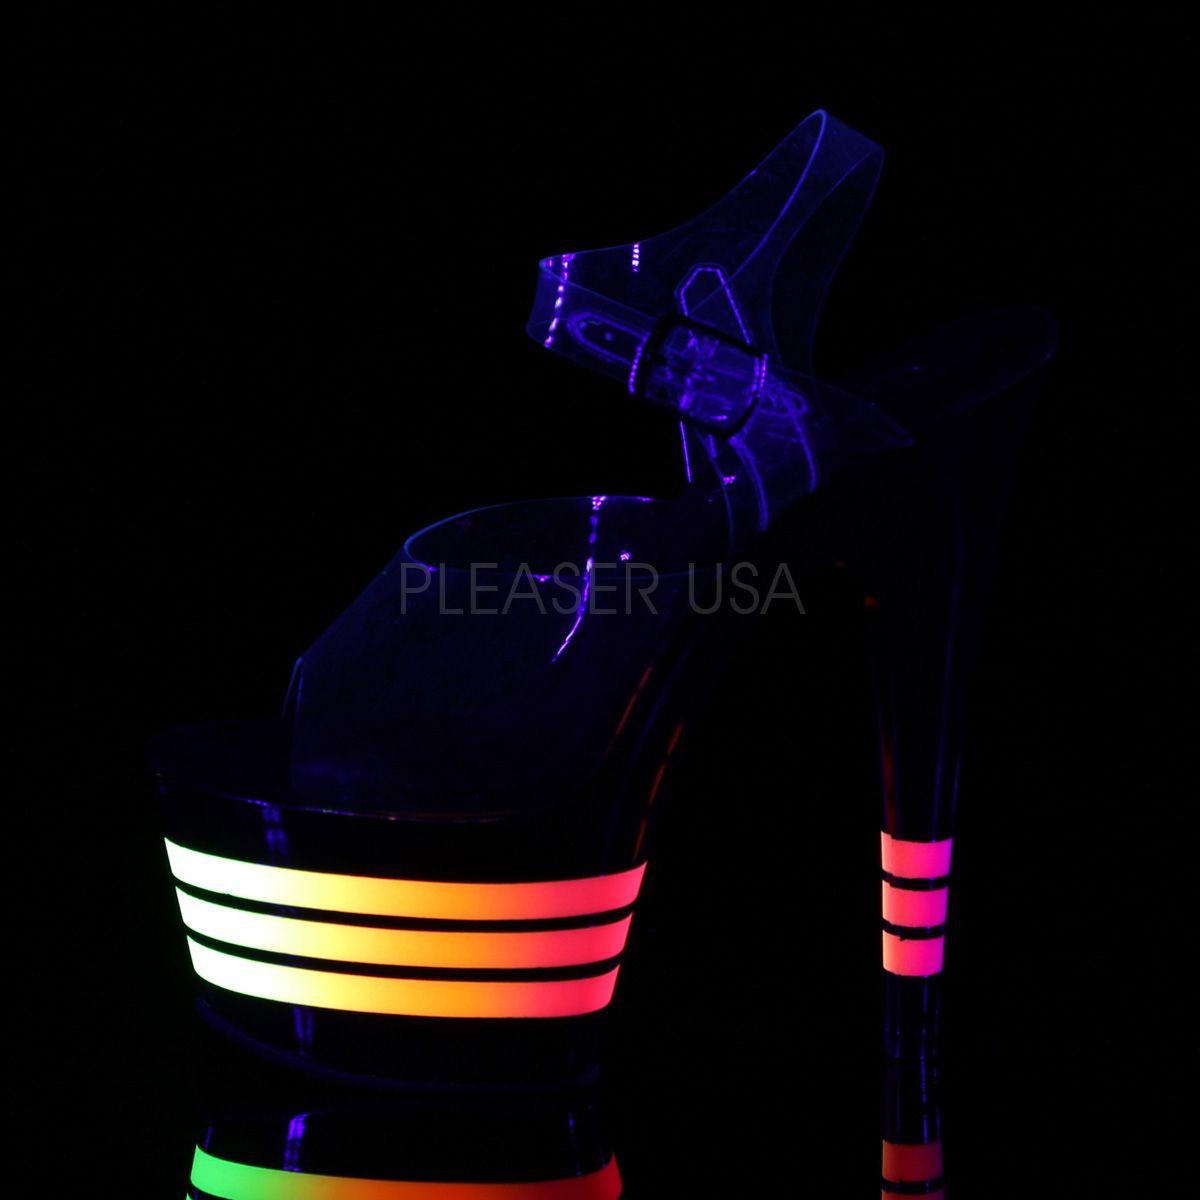 23c8a54087c ADORE-708UVLN Clr/Blk-Neon